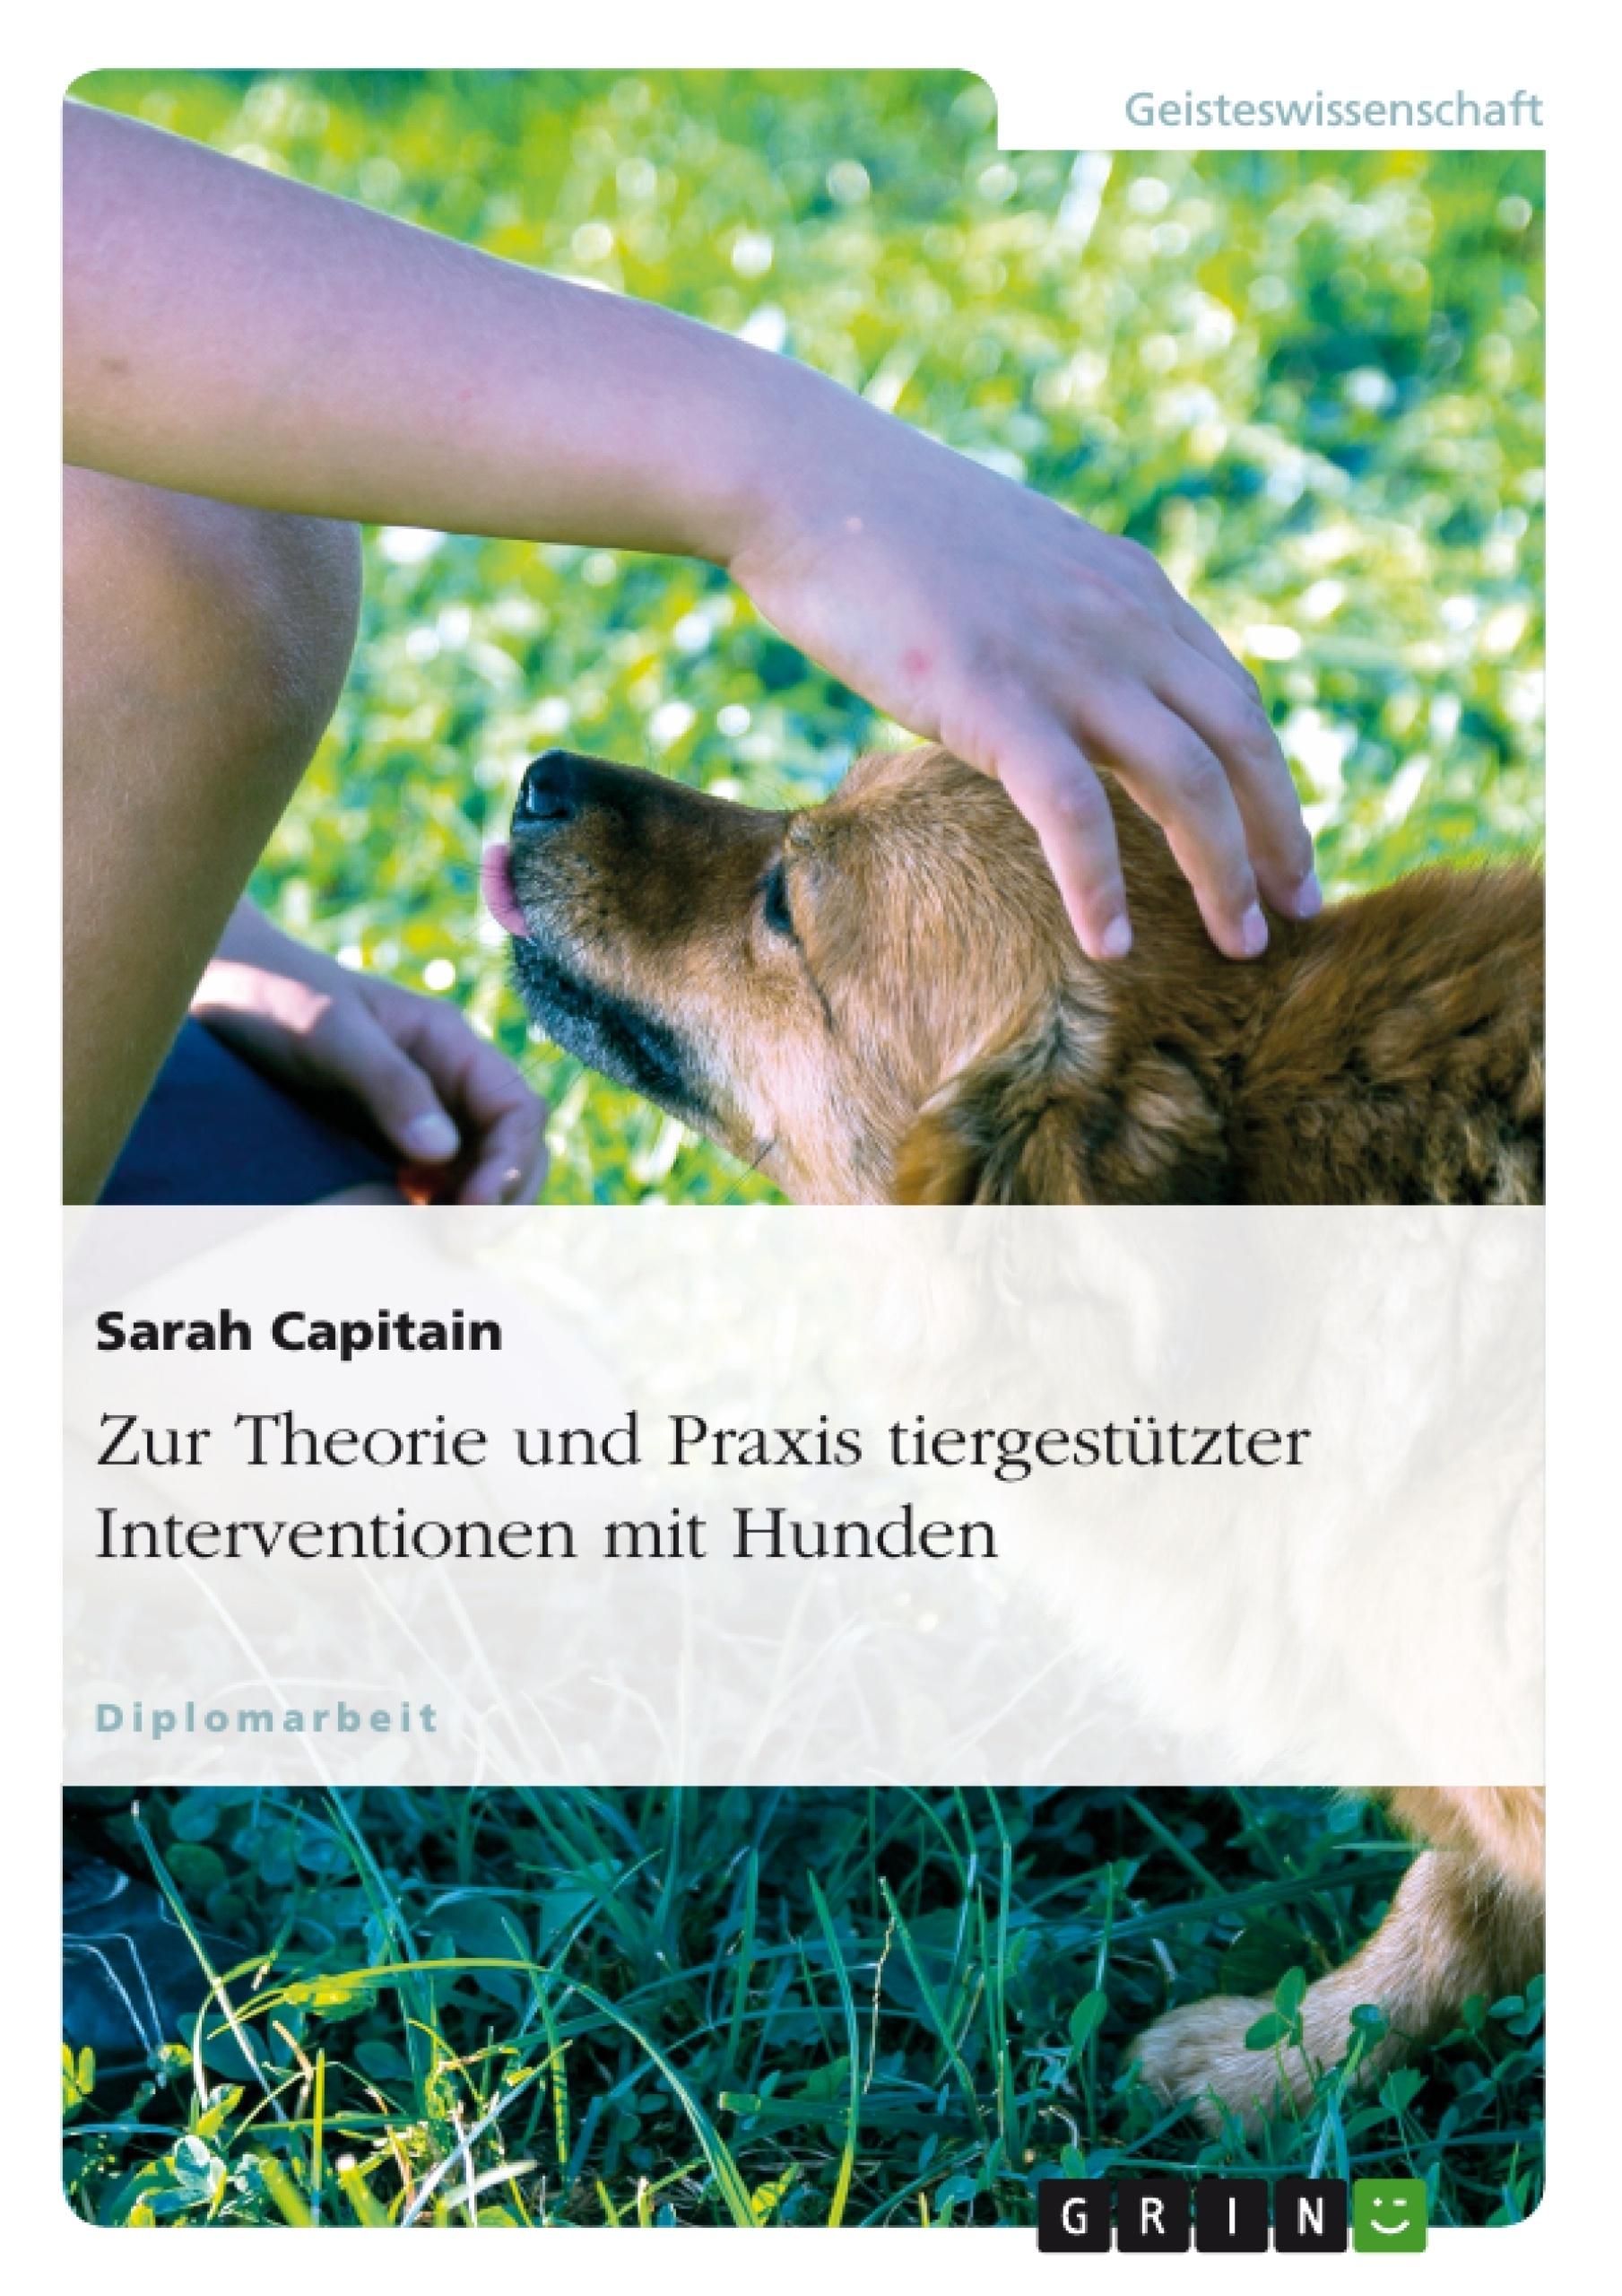 Titel: Zur Theorie und Praxis tiergestützter Interventionen mit Hunden